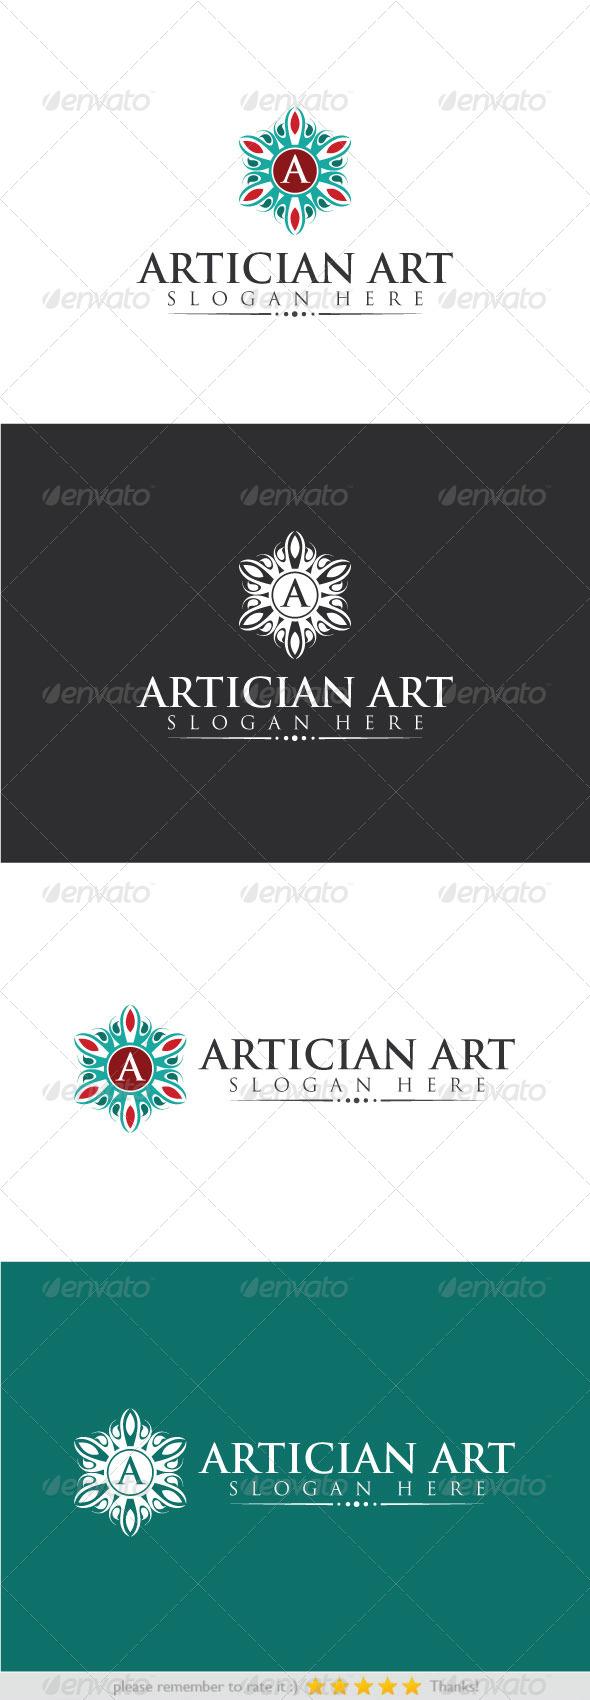 GraphicRiver Artician Art 8233443